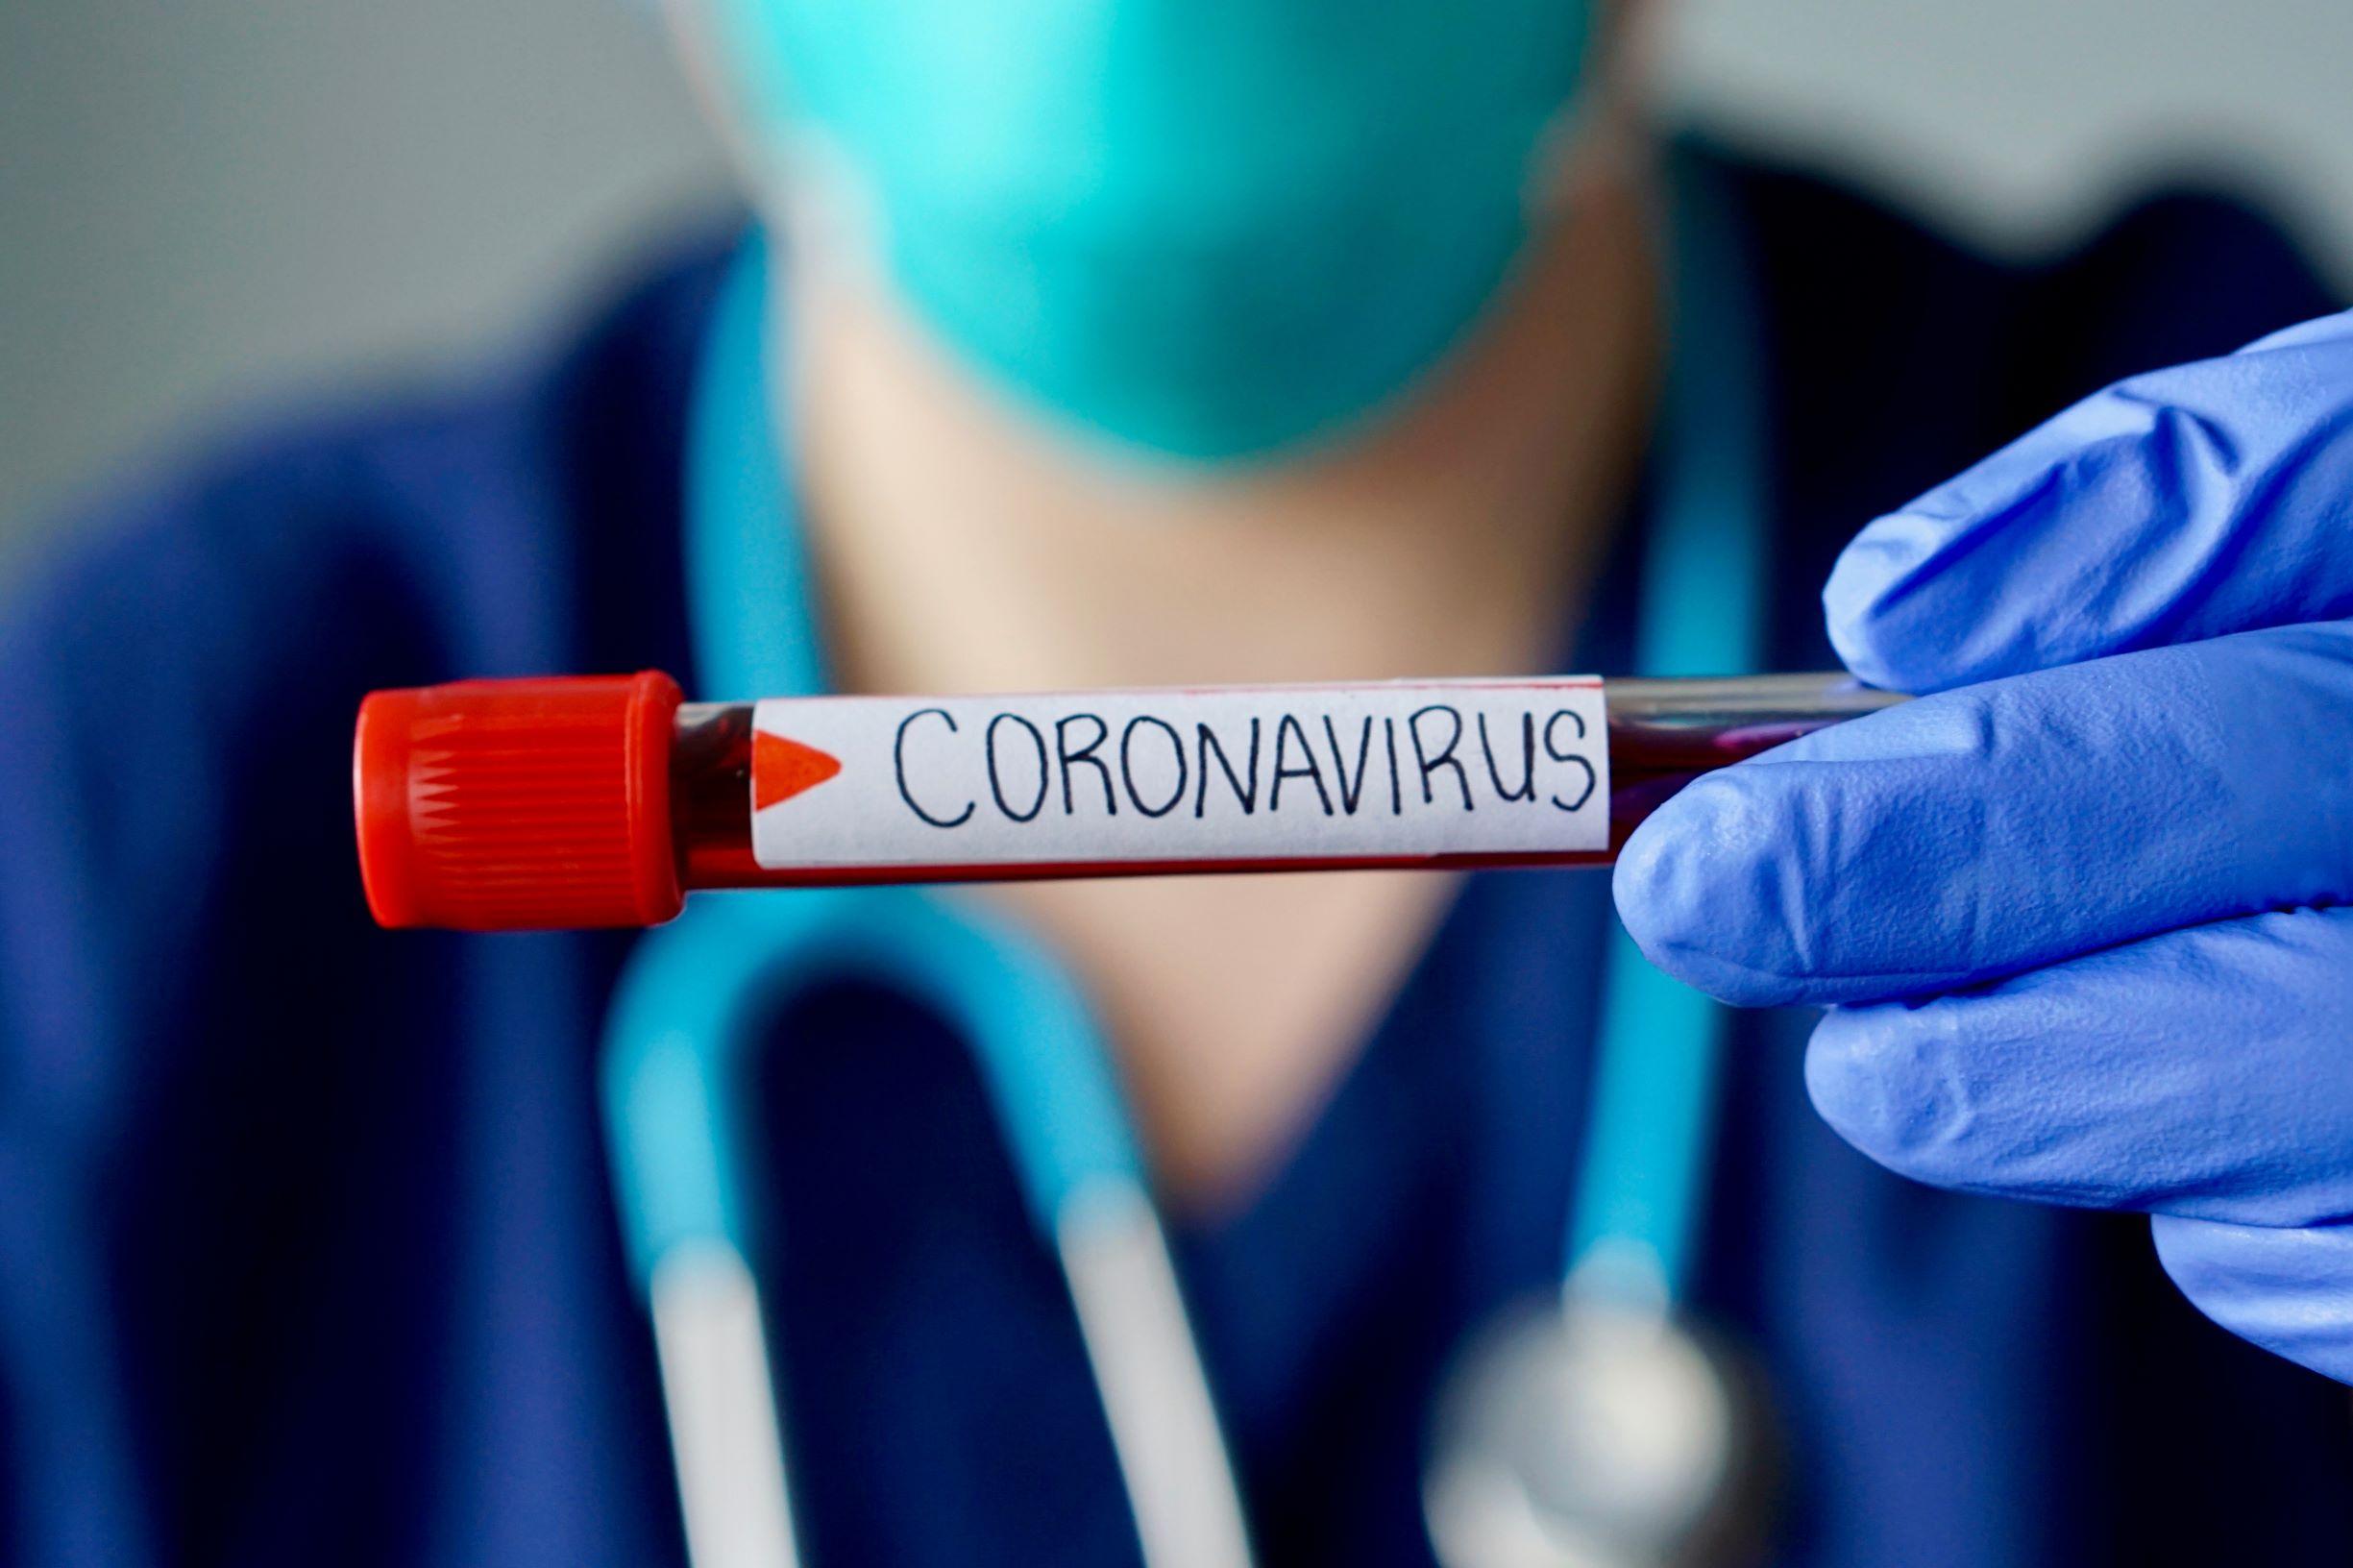 Coronavirus: nieuwe richtlijn voor federale ambtenaren